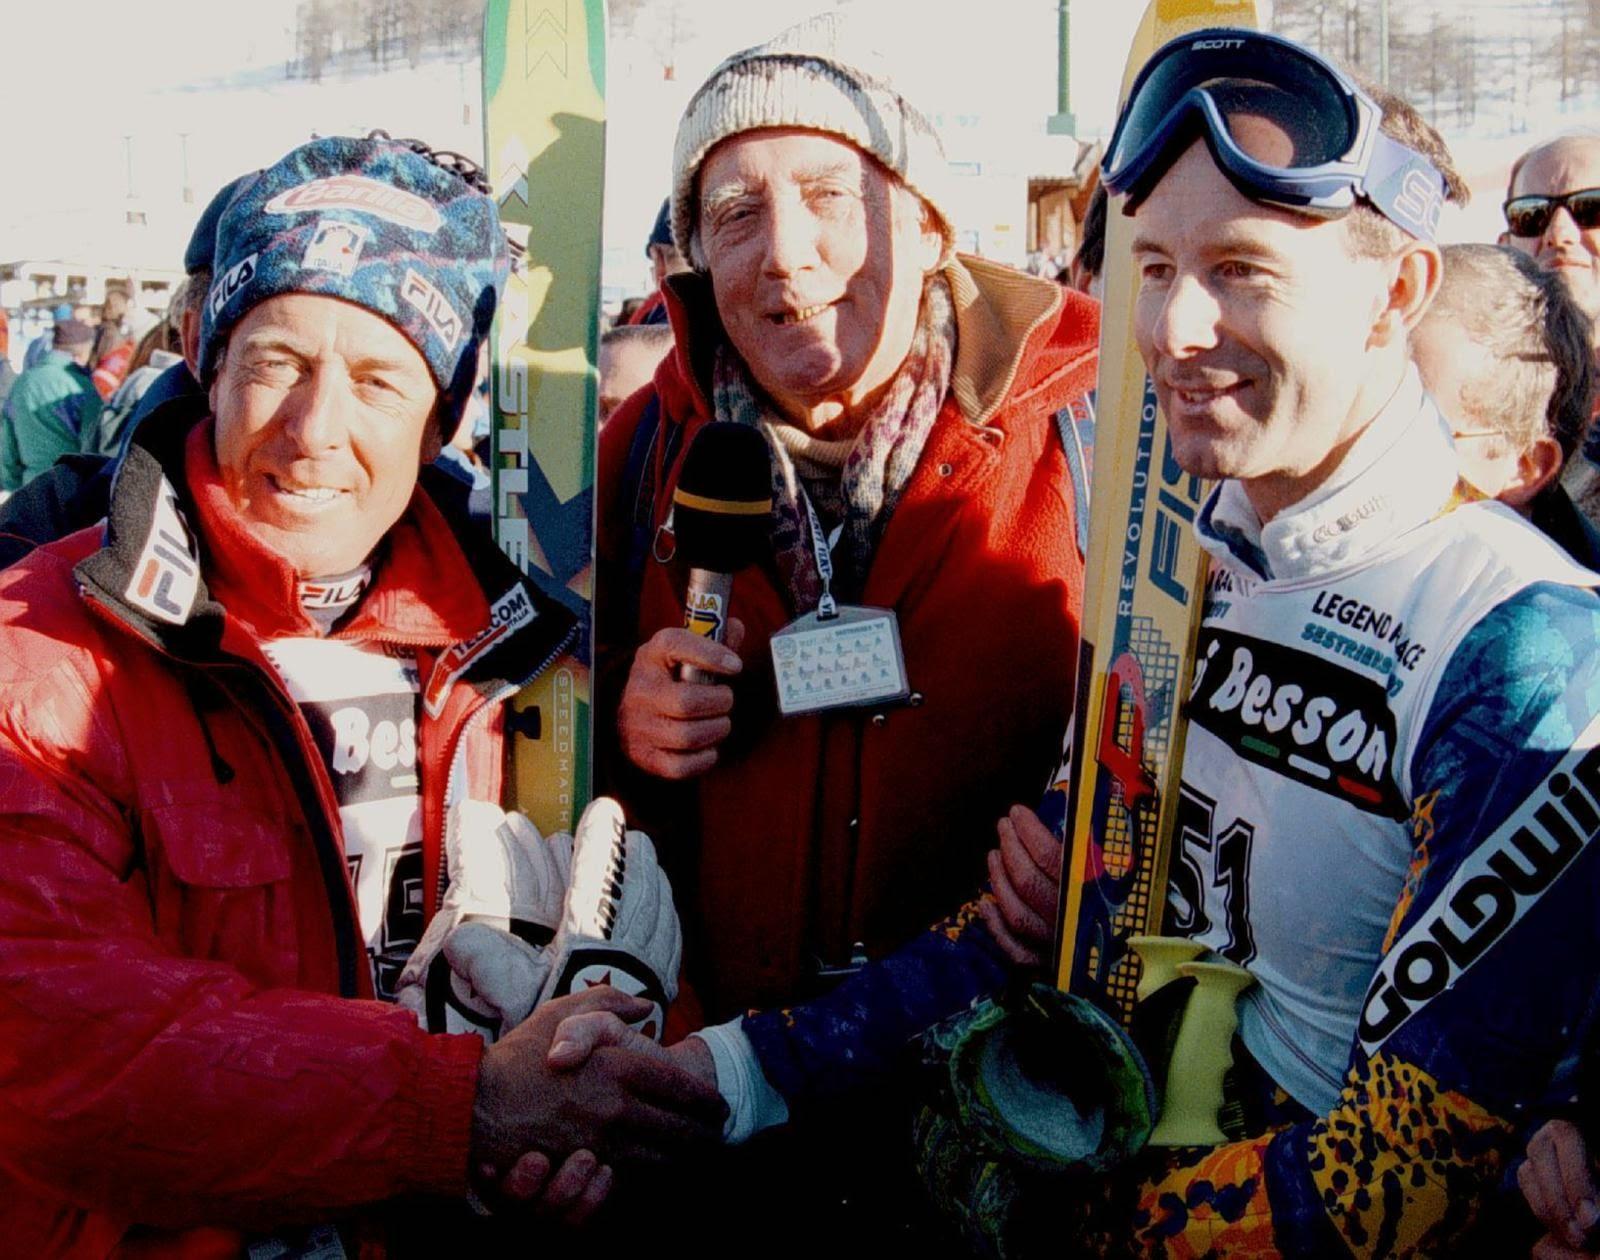 SCI 40 anni fa il leggendario slalom parallelo Thoeni-Stenmark